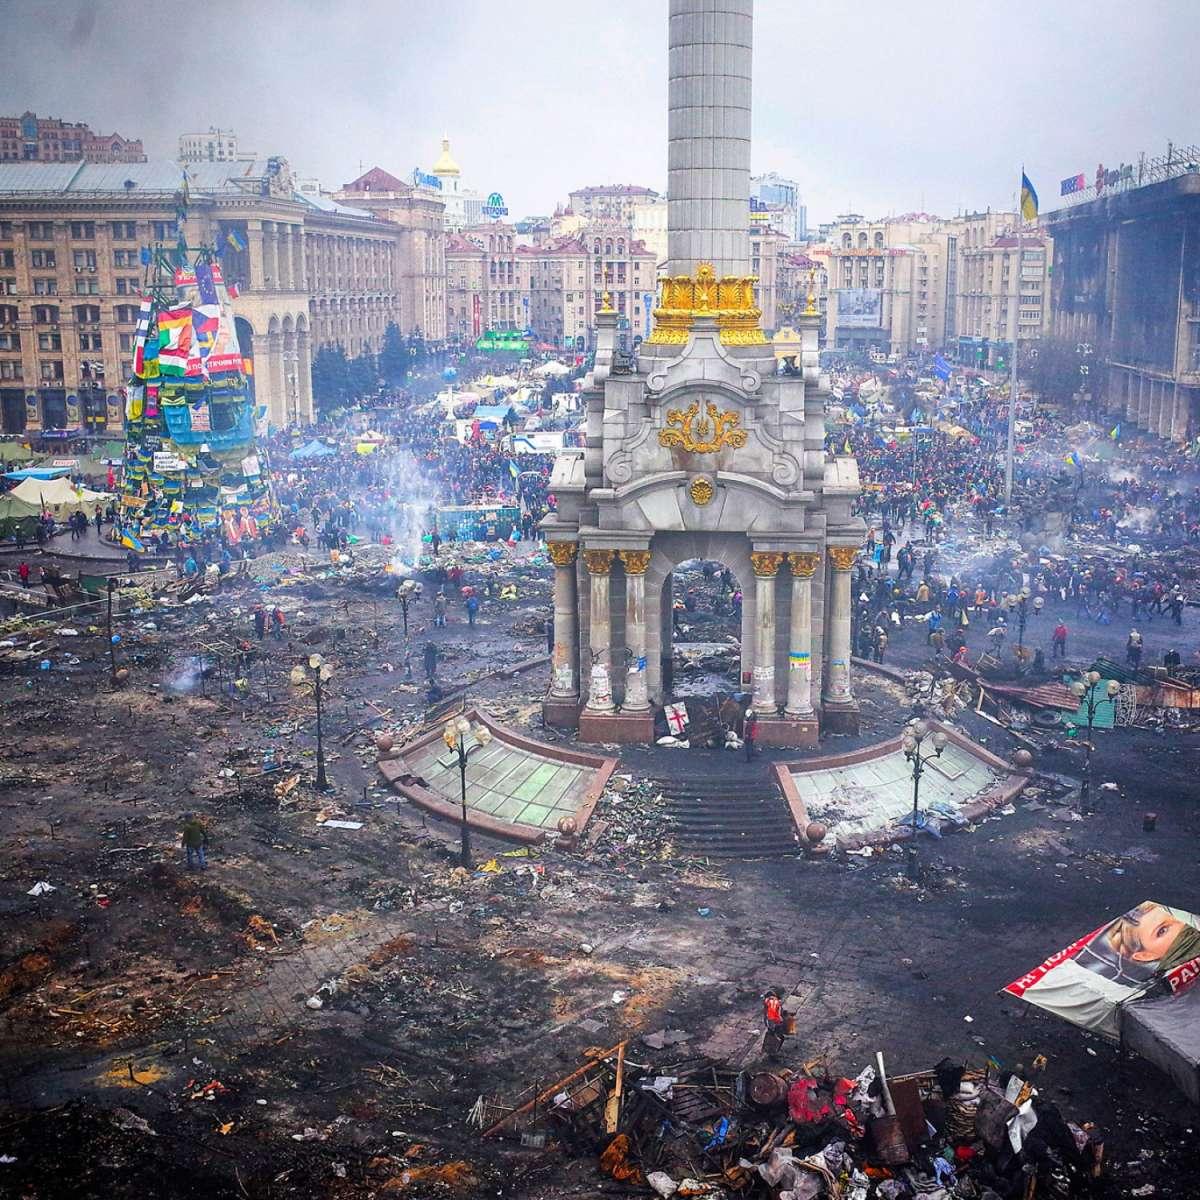 Акции в Москве коалиция бандитов из Запада проводит по майданному сценарию